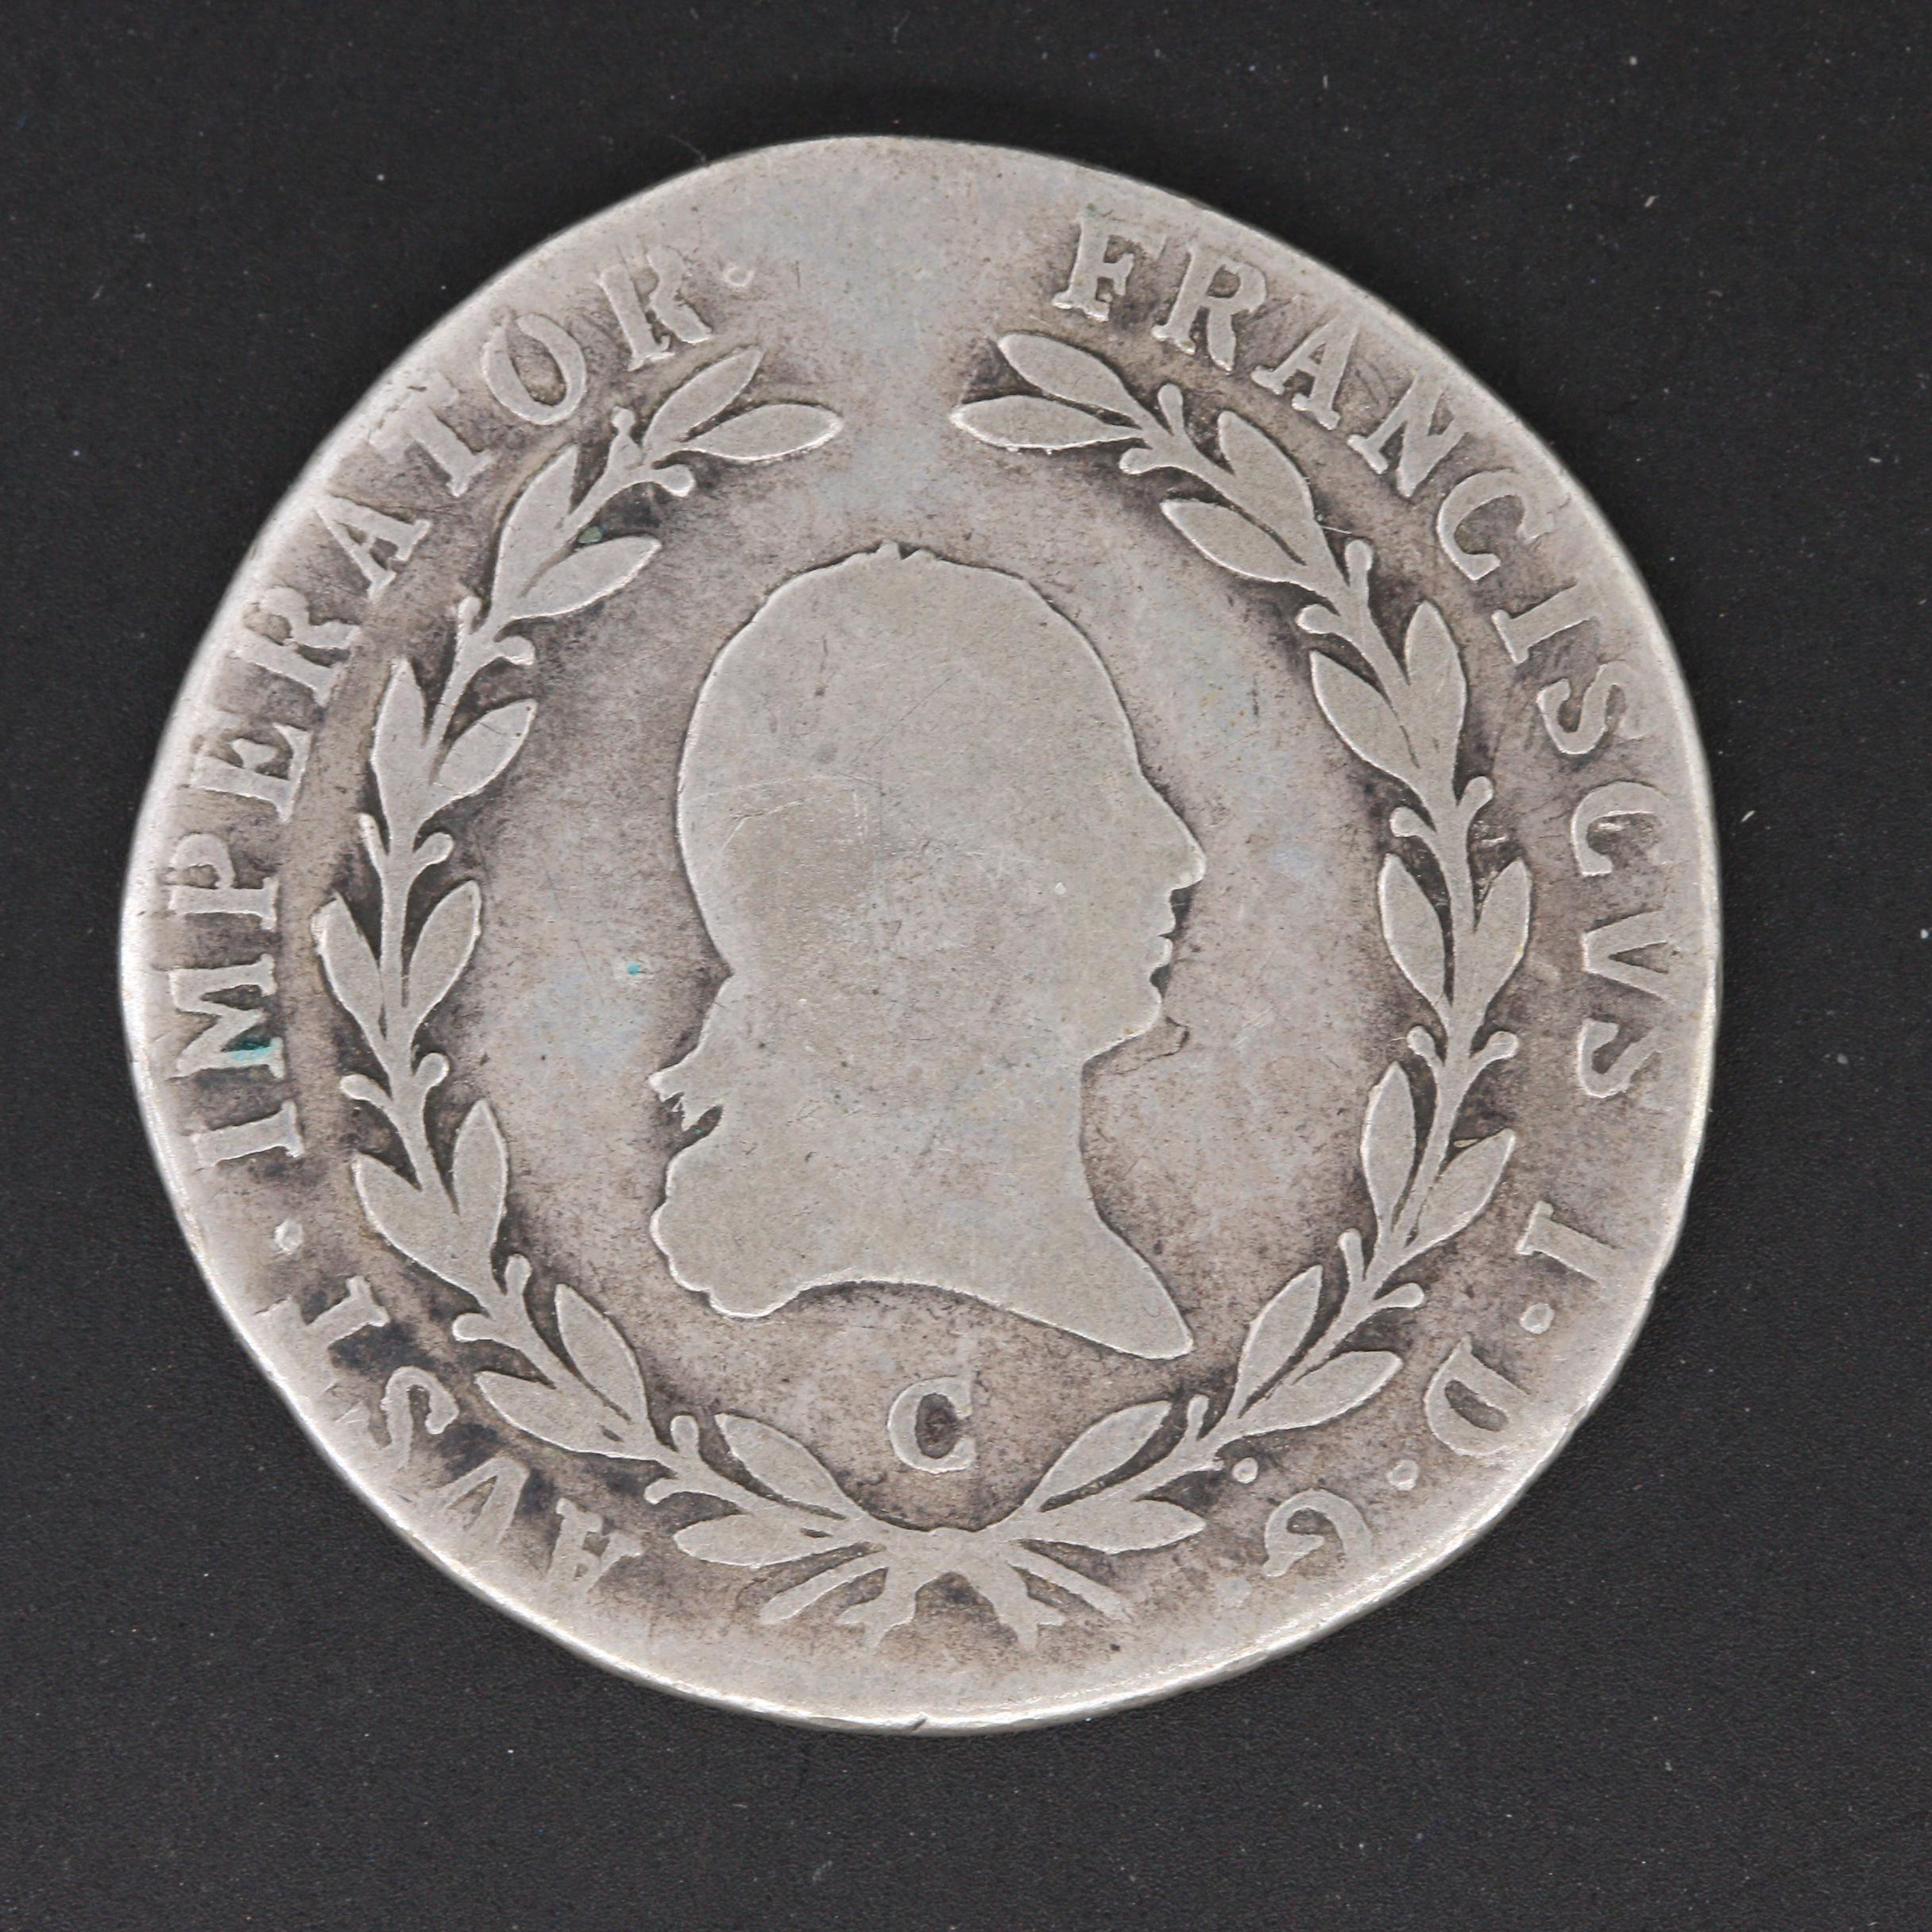 1808 20 Kreuzer Silver Coin from Habsburg, Austria